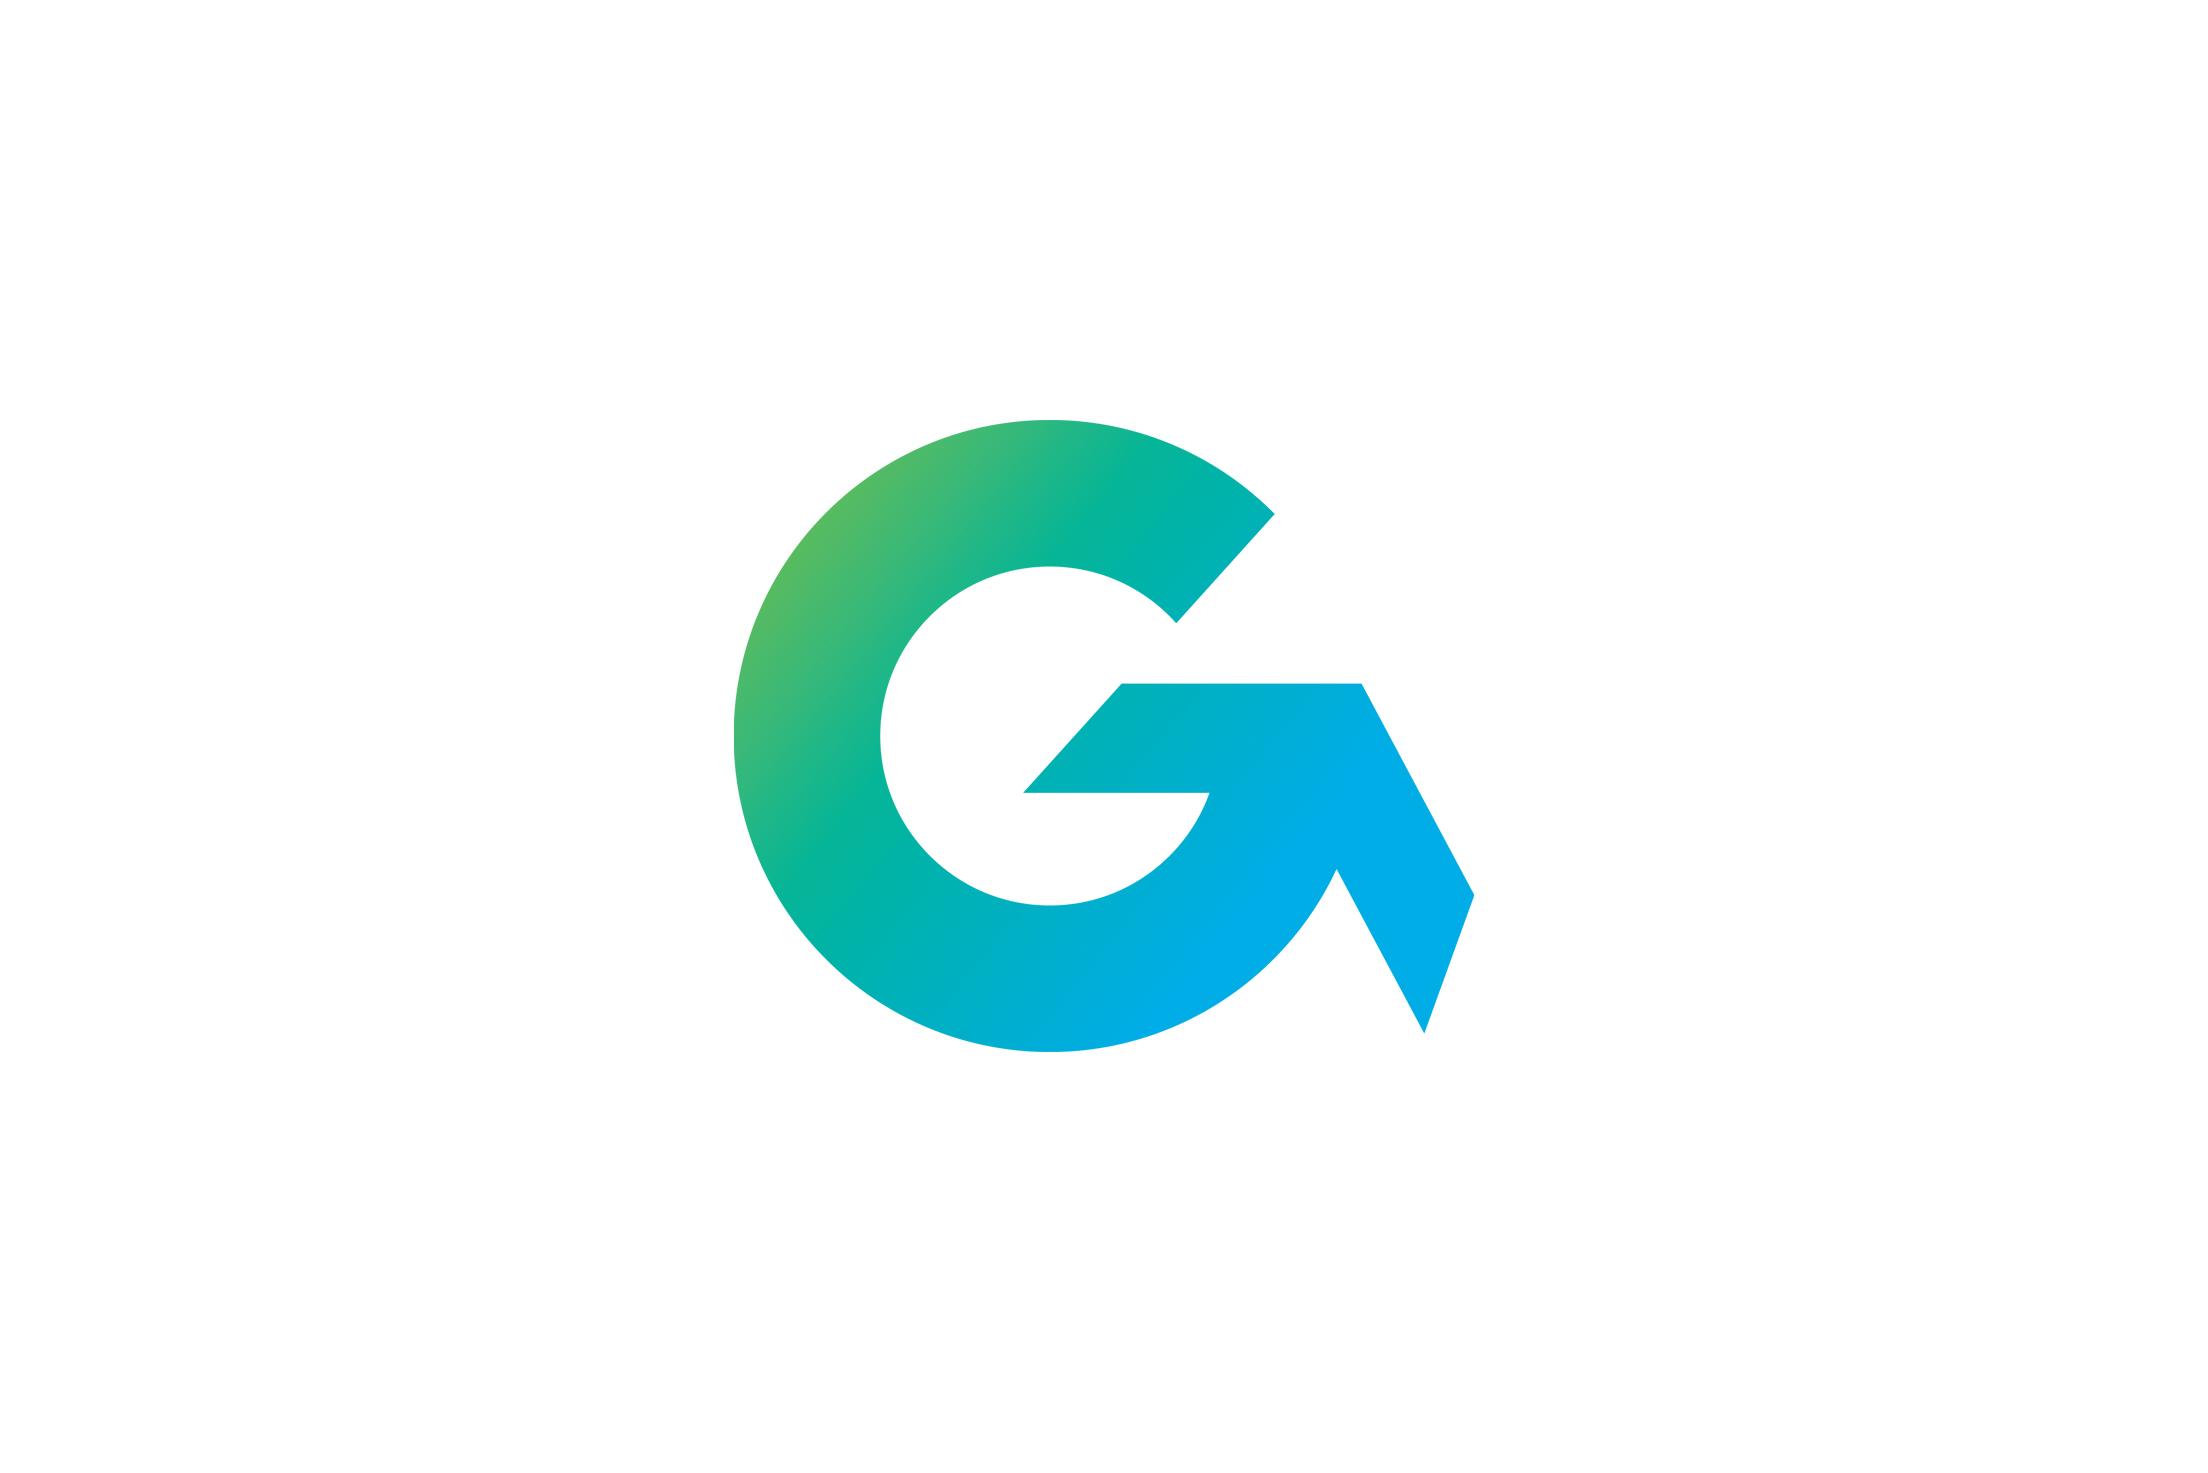 Global_1